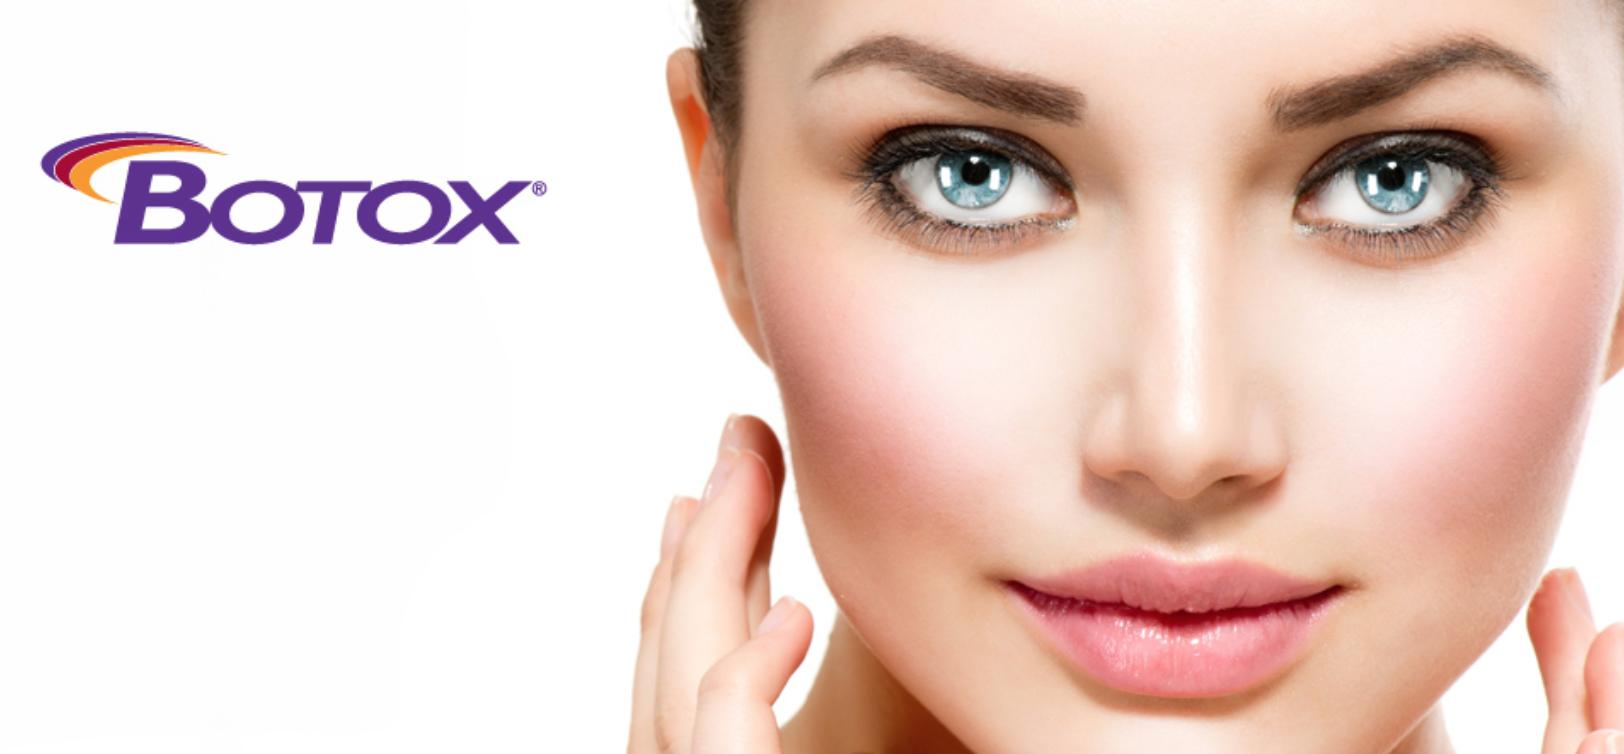 botox logo image